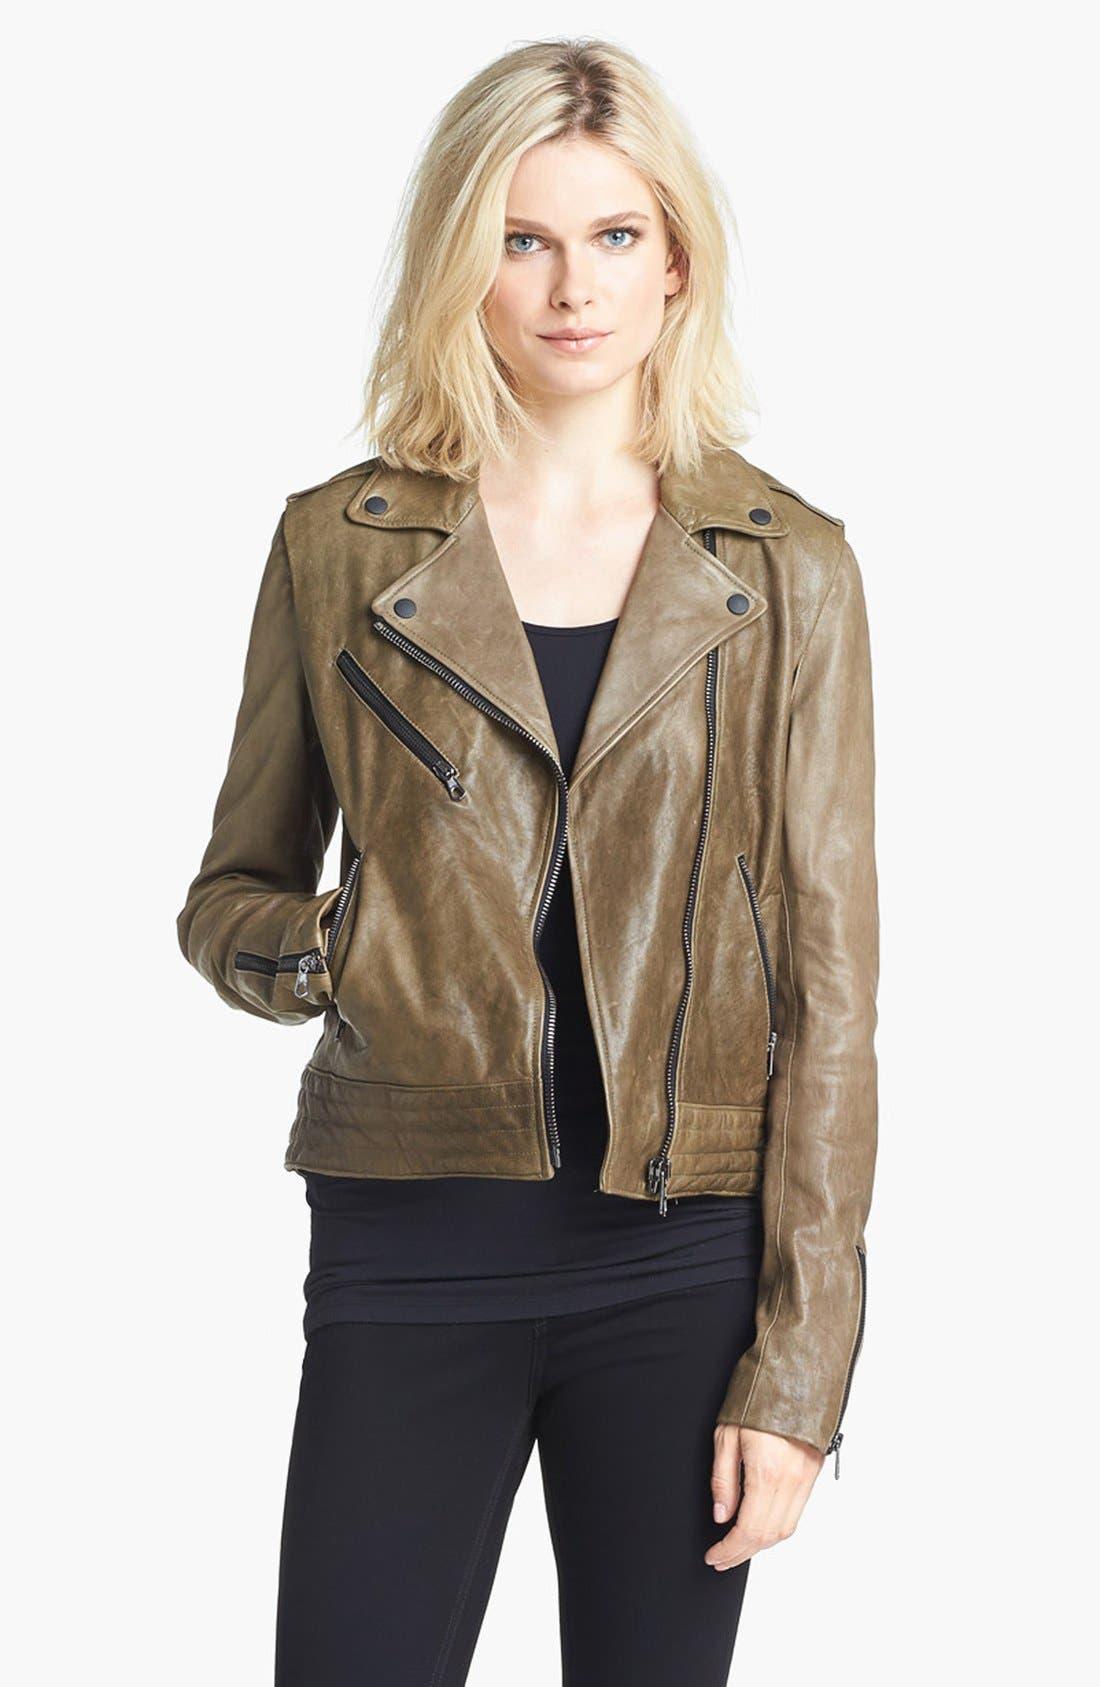 Alternate Image 1 Selected - rag & bone 'Bowery' Leather Moto Jacket